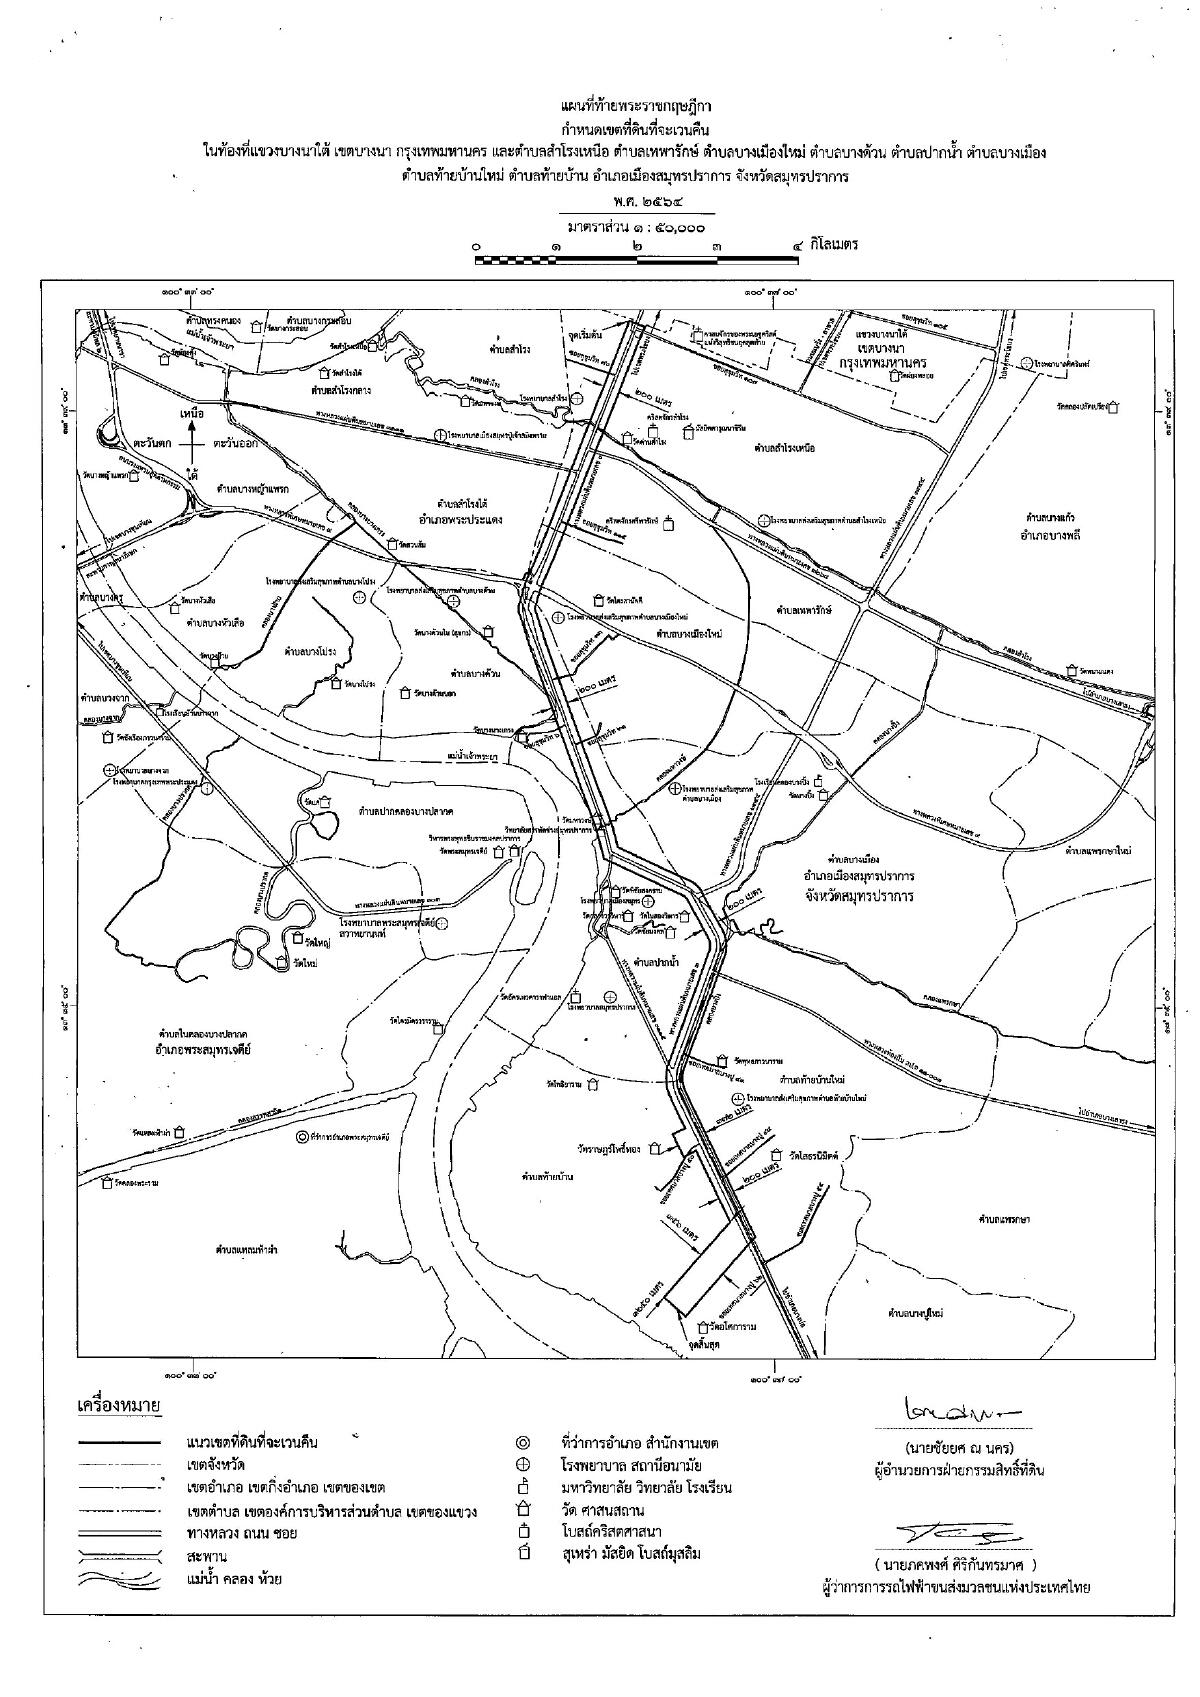 พระบรมราชโองการโปรดเกล้าฯ กำหนดเขตที่ดินที่จะเวนคืน 12 แขวง 21 ตำบล 6 จังหวัด